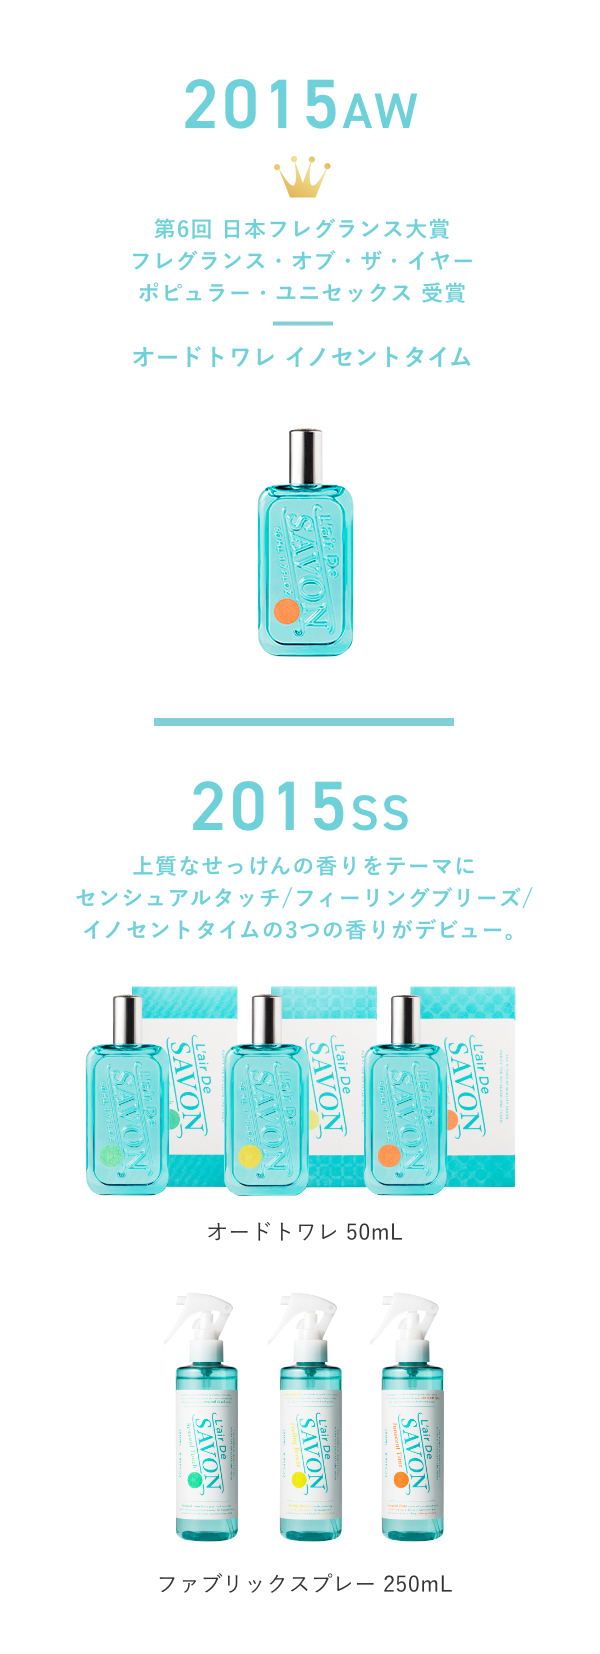 2015SS 上質なせっけんの香りをテーマにセンシュアルタッチ/フィーリングブリーズ/イノセントタイムの3つの香りがデビュー。